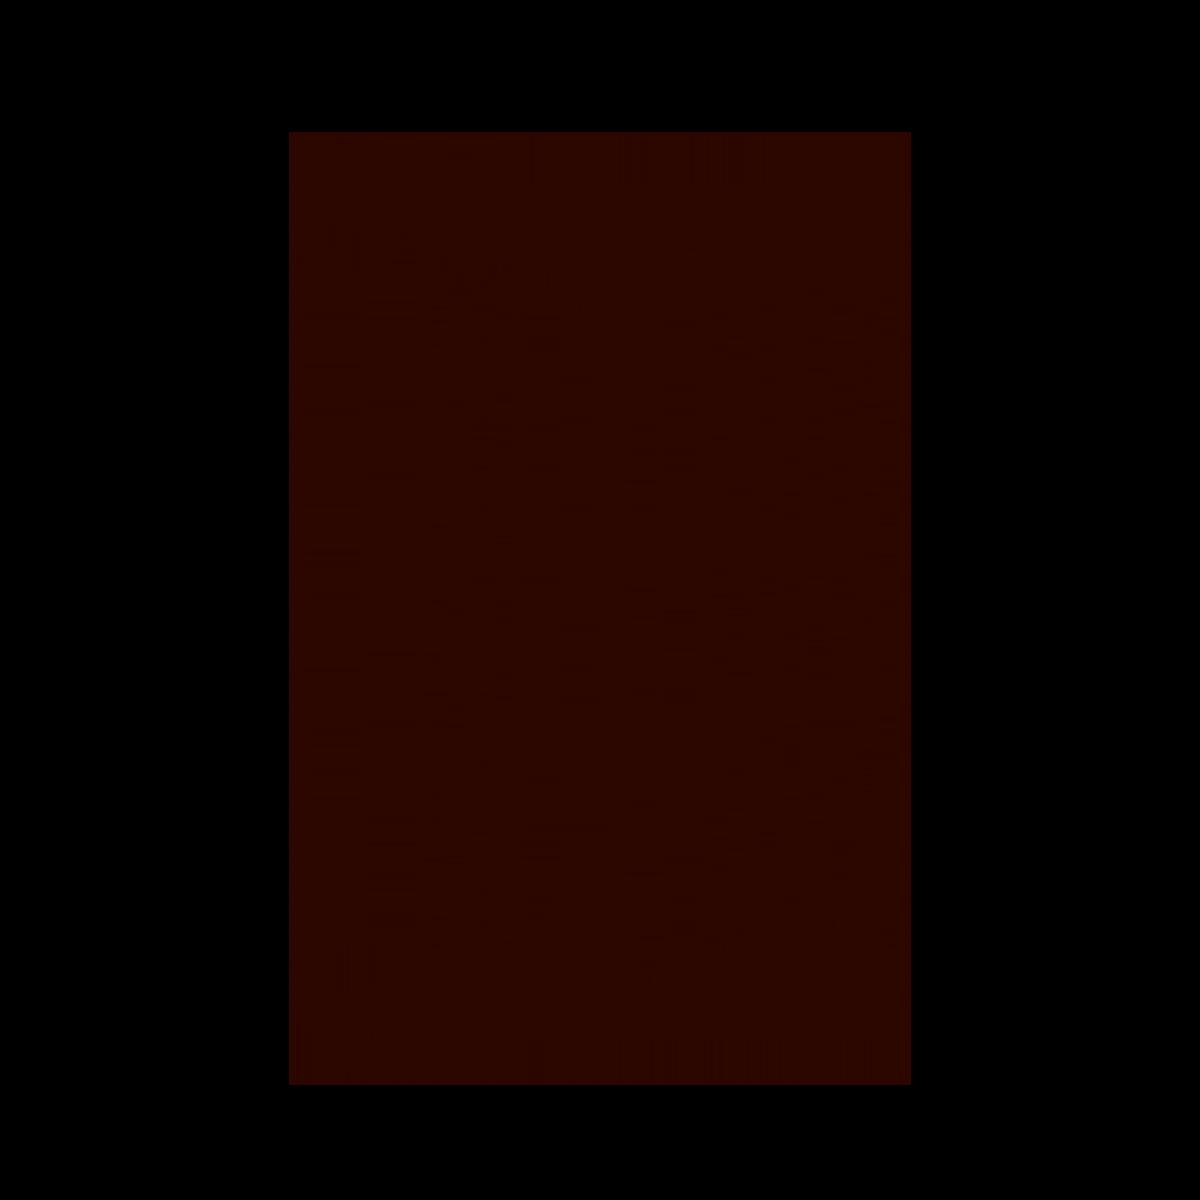 TB910 påboringstætning til ig-rør